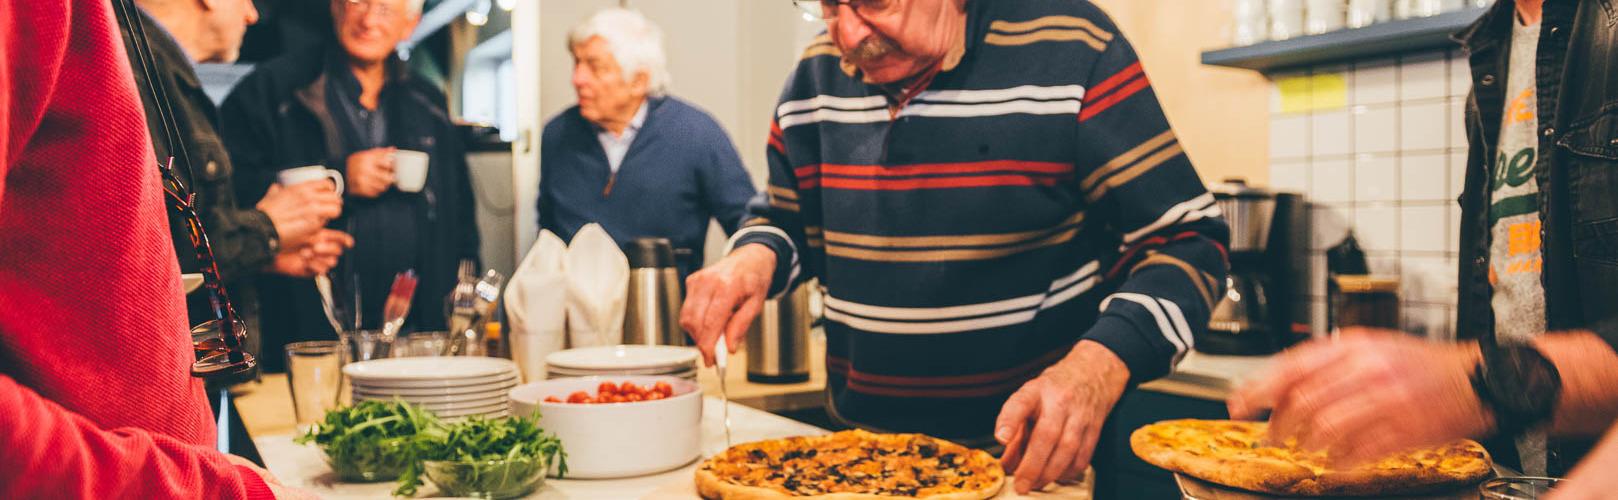 Inwoners krijgen pizza bij brainstorm over campagne zonnepark De Grift